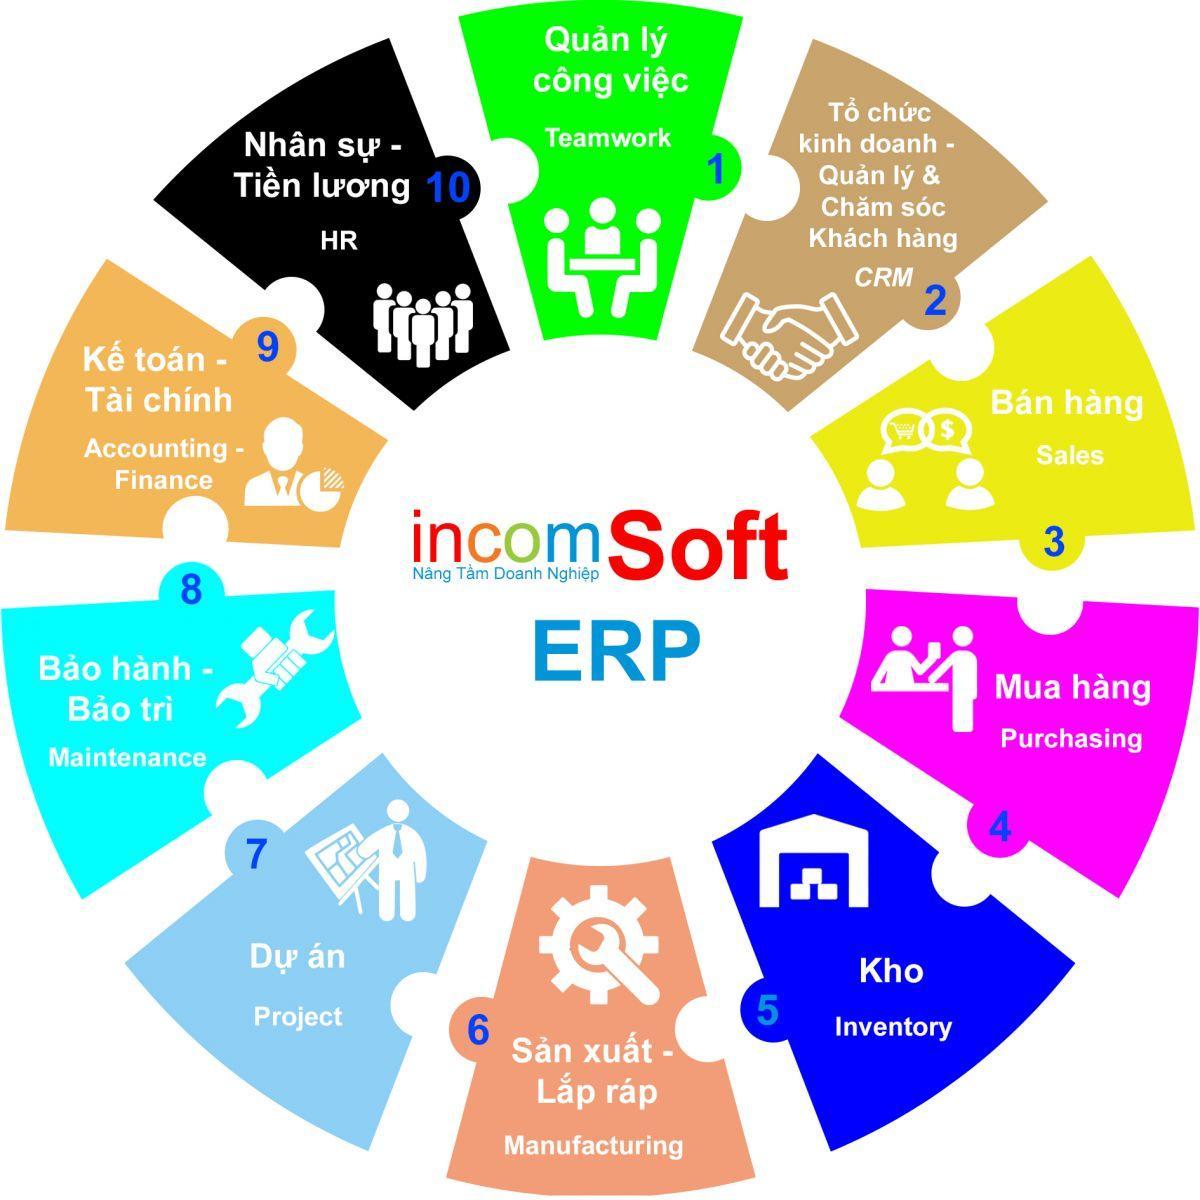 Các phân hệ trong incomSoft ERP